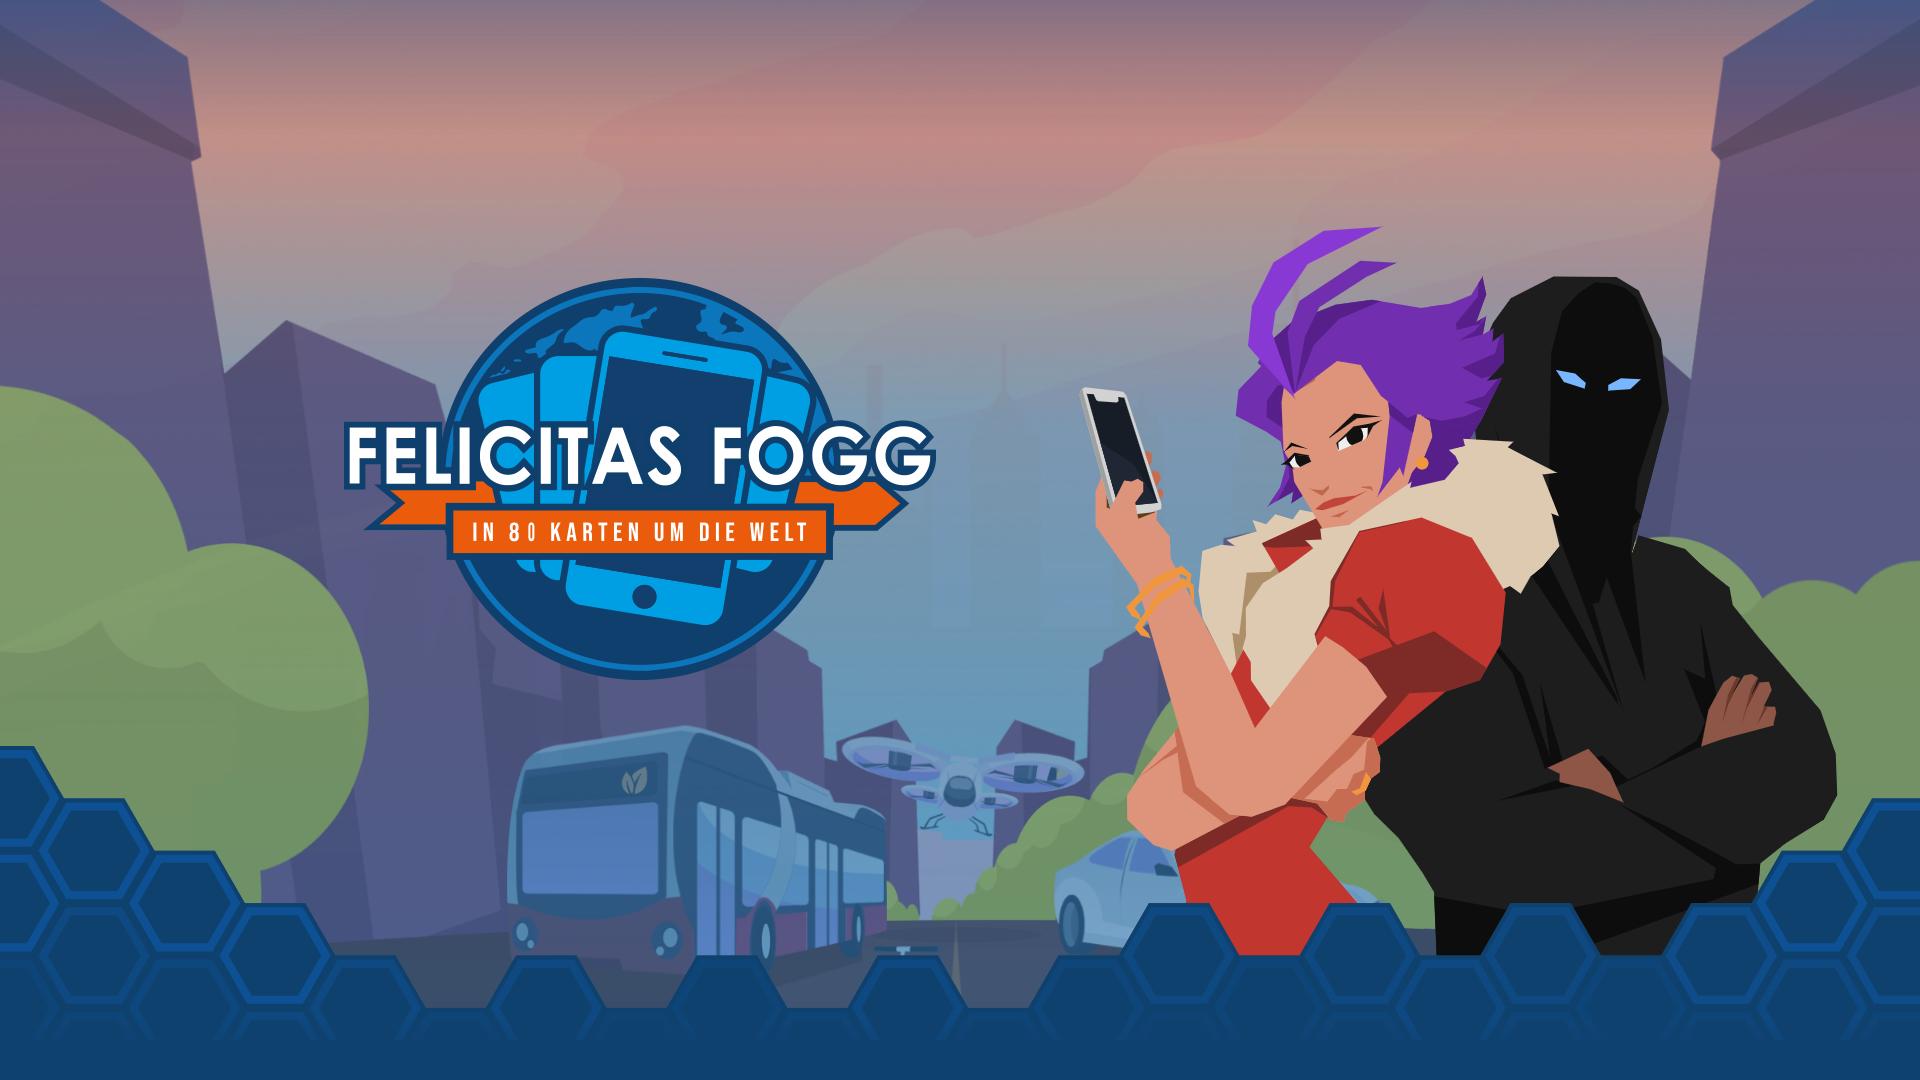 Felcitas Fogg, in 80 Karten um die Welt Hauptfigur und Logo